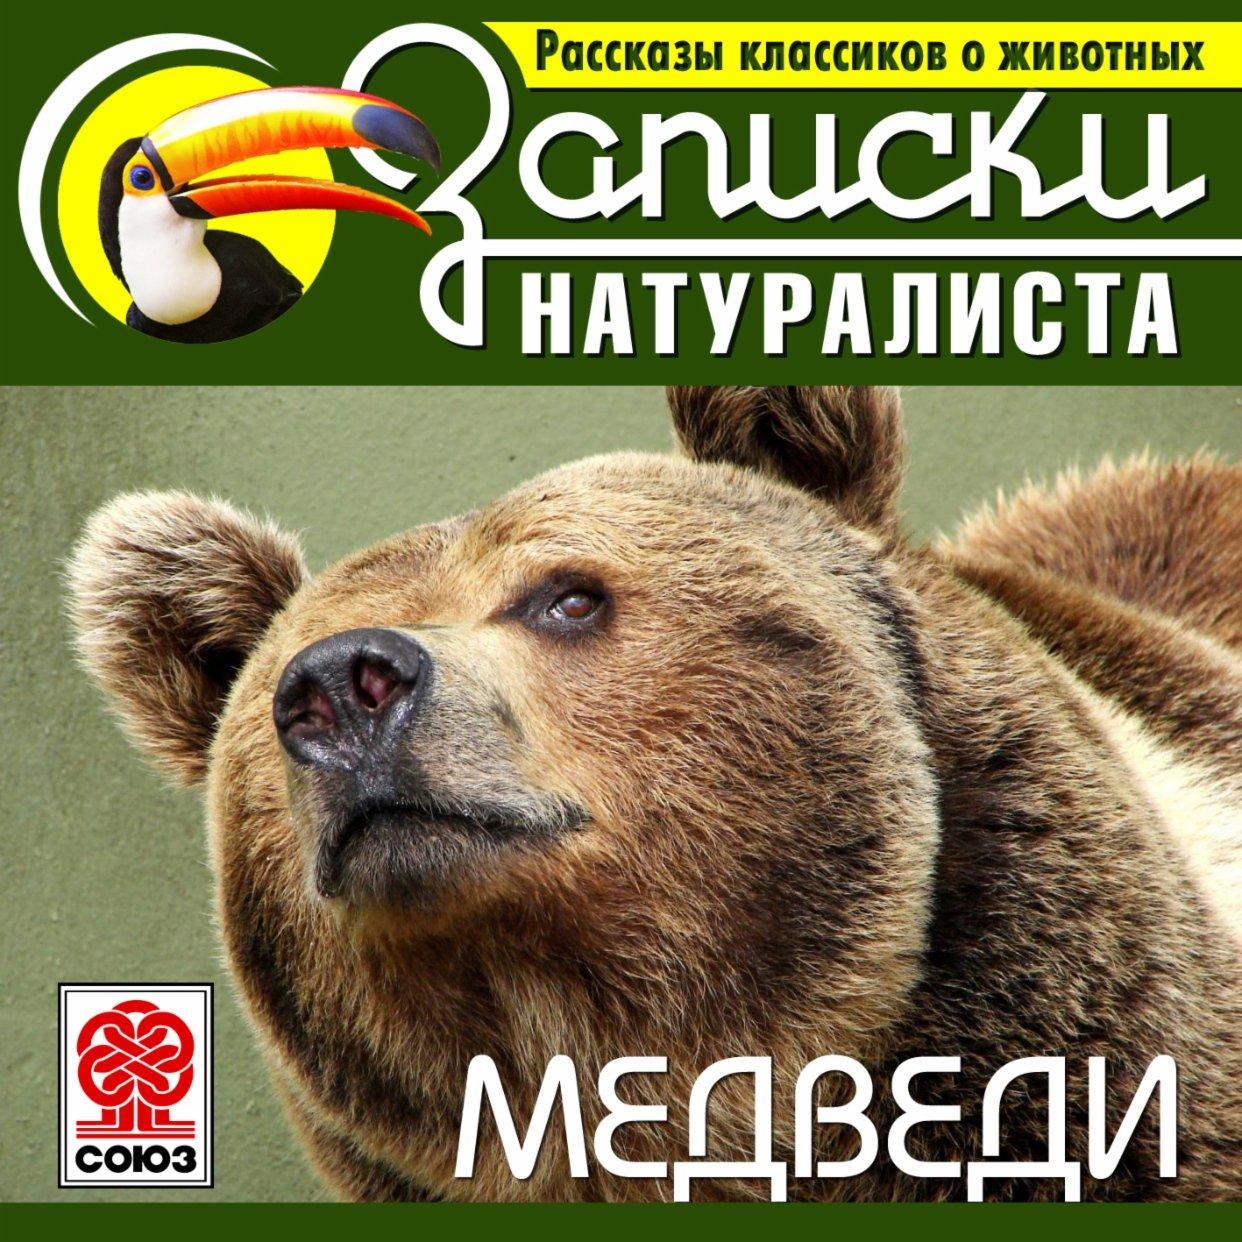 Рассказы классиков о животных. Медведи